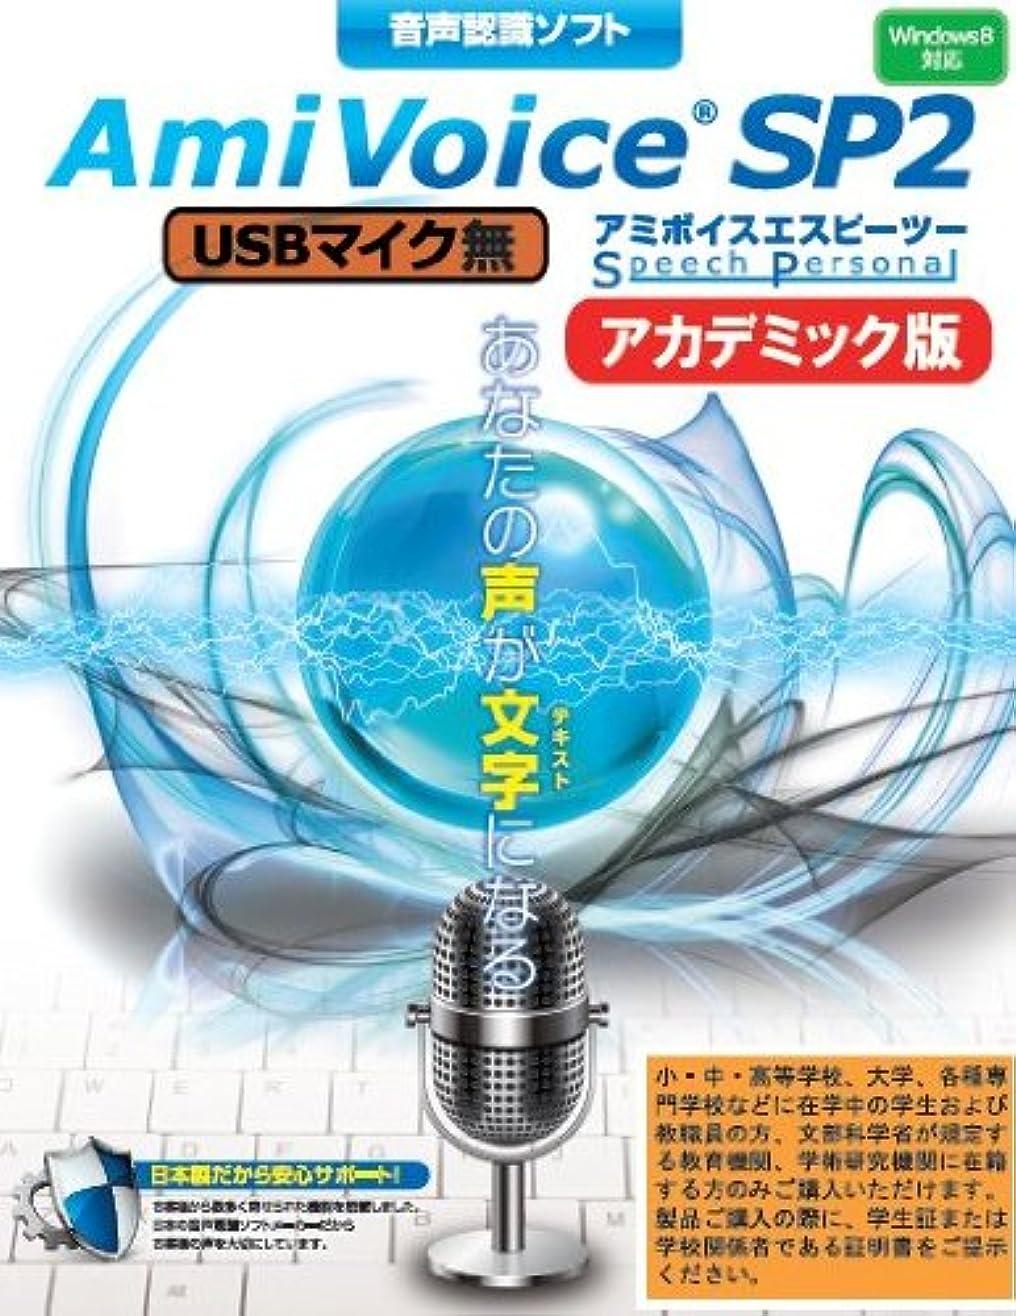 普通の説得力のあるノミネートエムシーツー 音声認識ソフト AmiVoice SP2 USBマイク無 AC